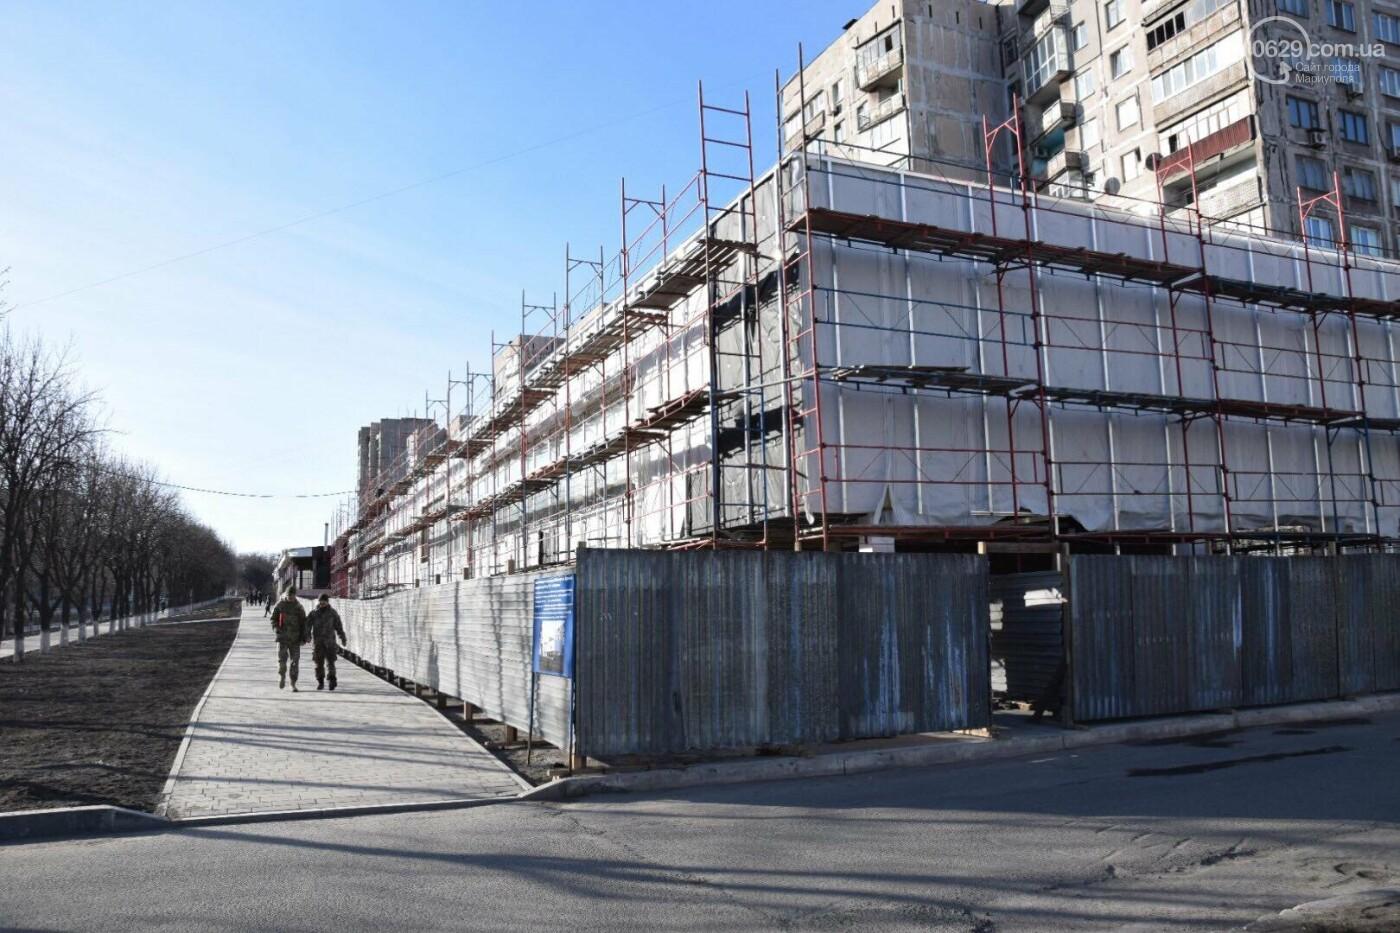 Как проходит ремонт главной библиотеки Мариуполя, - ФОТОРЕПОРТАЖ, фото-11